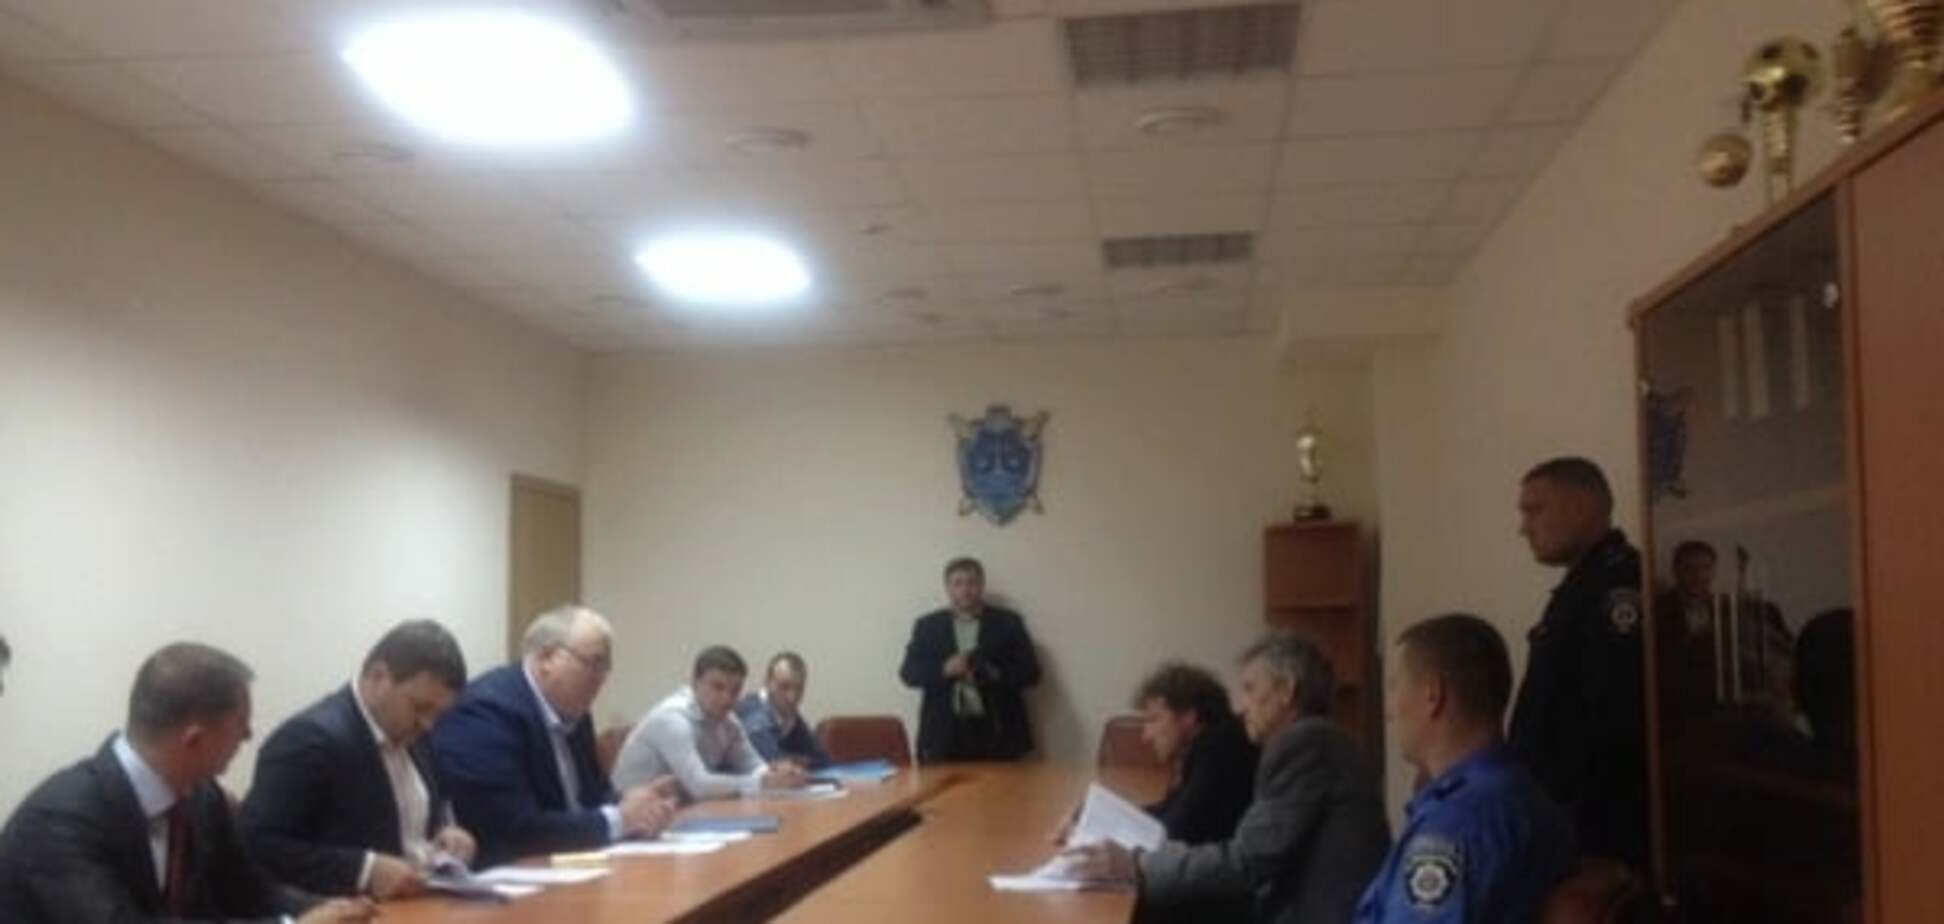 Пытался убить: напавшему на жену Турчинова адвокату сообщили о подозрении